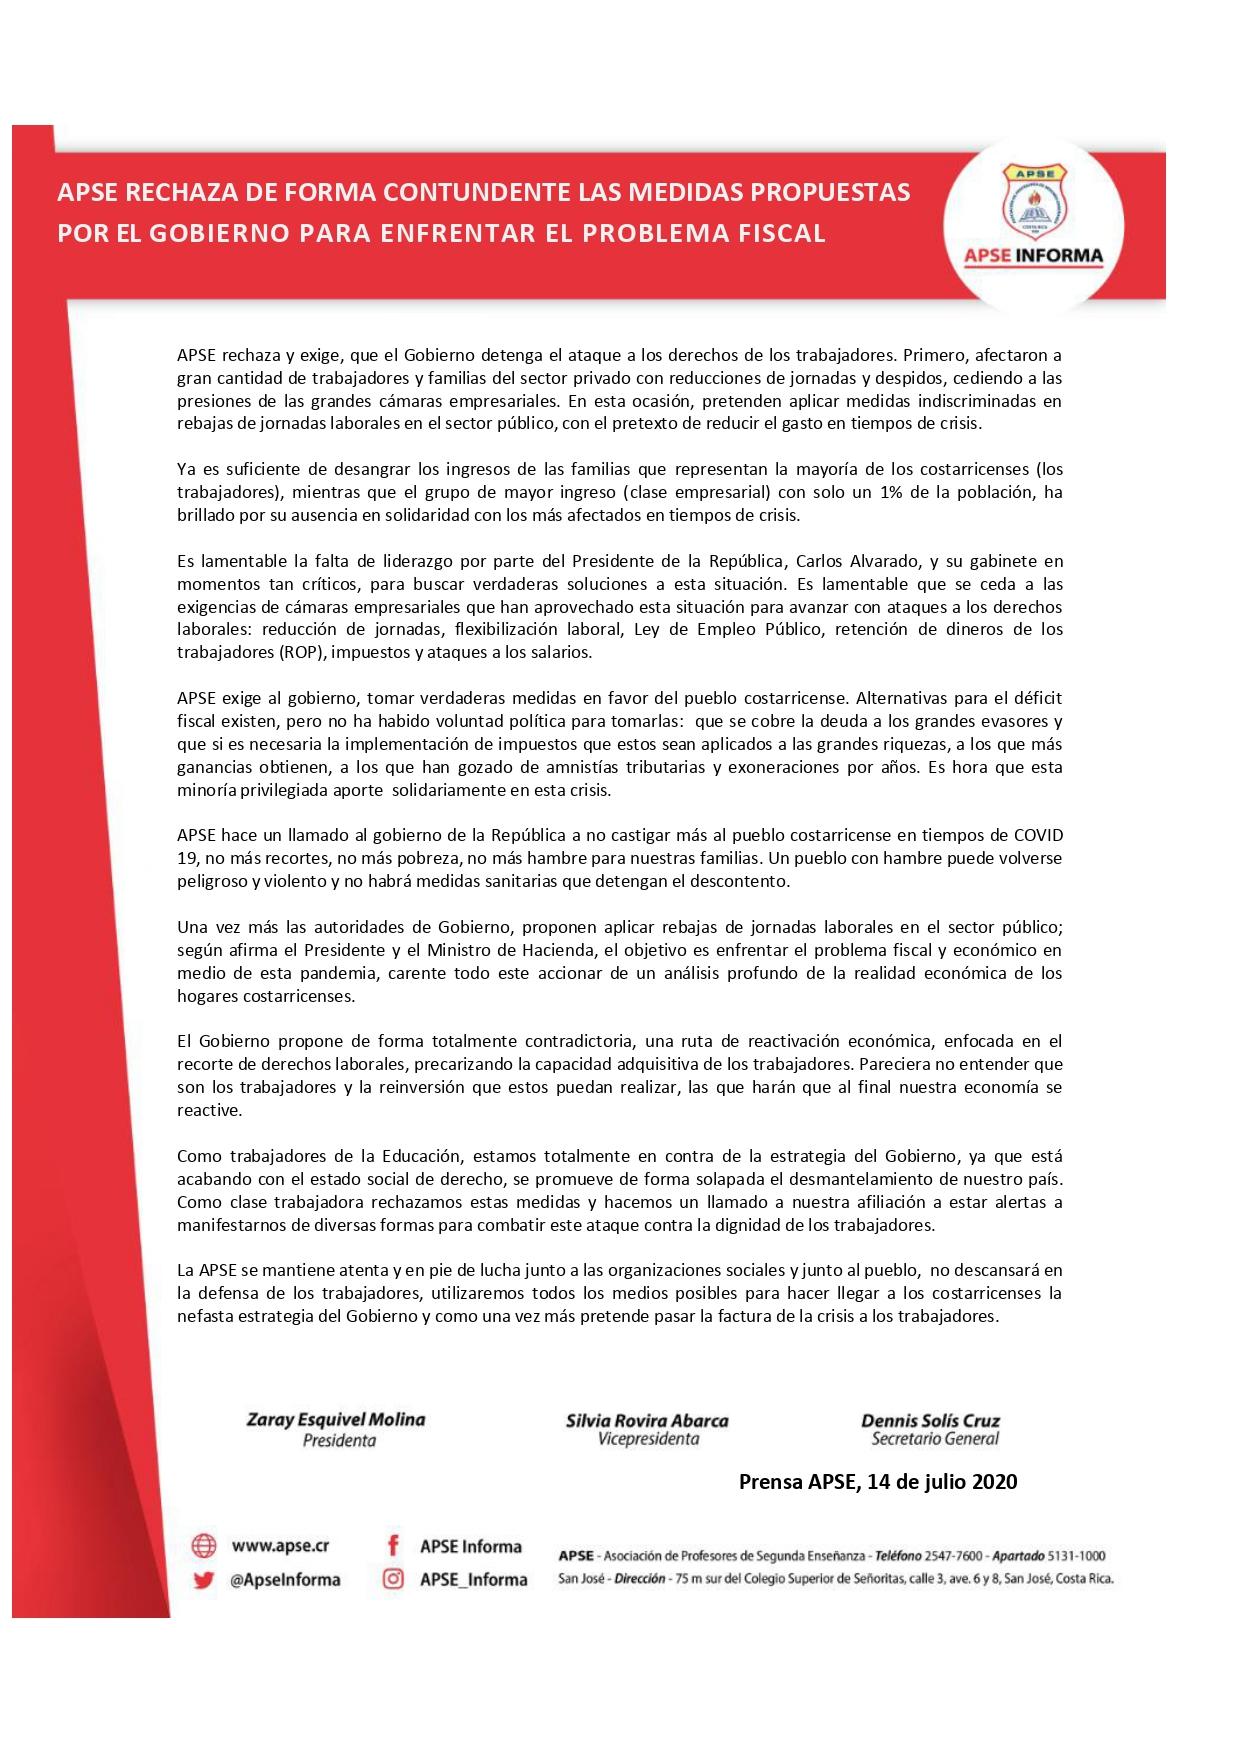 APSE RECHAZA DE FORMA CONTUNDENTE LAS MEDIDAS PROPUESTAS POR EL GOBIERNO PARA ENFRENTAR EL PROBLEMA FISCAL